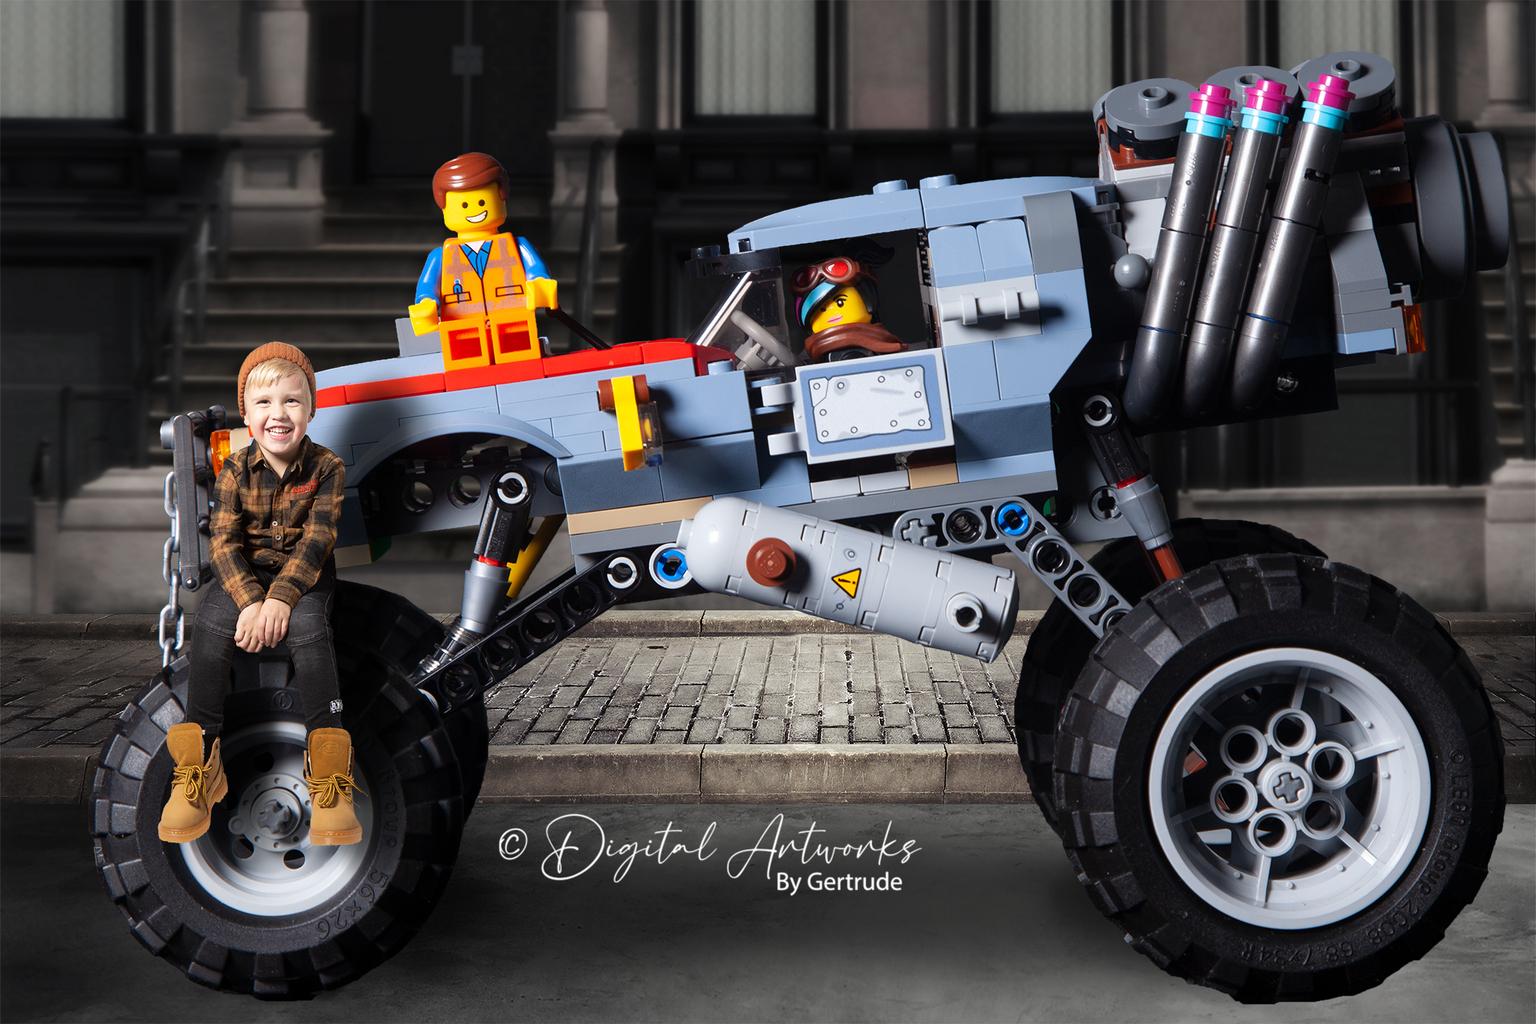 Samen met Emmeth en Lucy op de Buggy - Aryen draait de Lego Film helemaal grijs (voor zover dat digitaal nog gaat) en wilde graag samen met zijn helden op de foto. Nou dan regelen we dat t - foto door LegoUniverseAryen op 15-04-2021 - deze foto bevat: band, wiel, autoband, motorvoertuig, betreden, automotive ontwerp, voertuig, fender, rand, automotive buitenkant